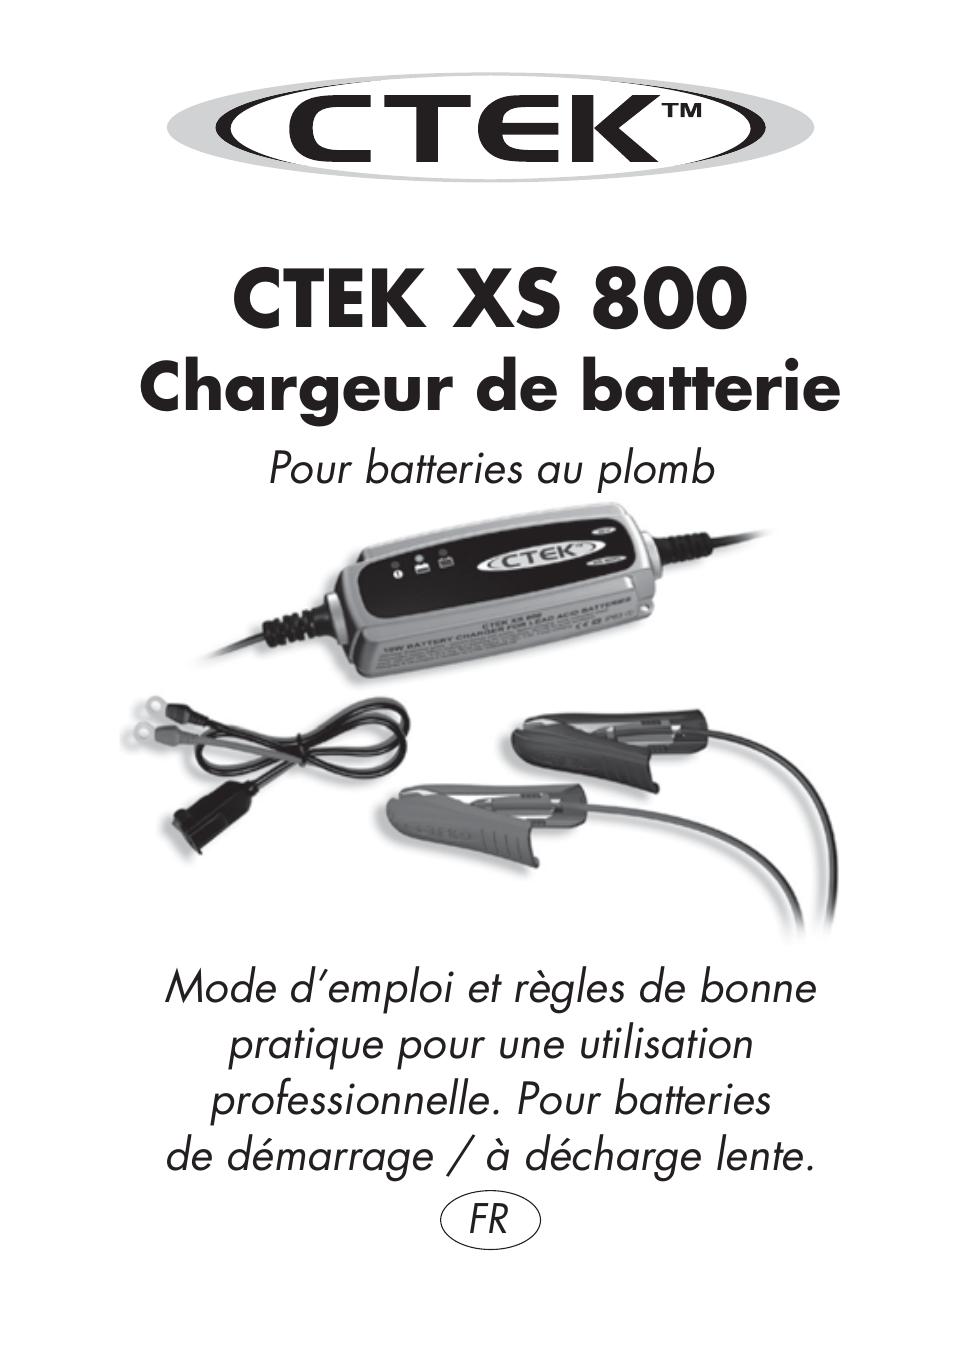 Ctek xs 800 manuel d 39 utilisation pages 7 - Compteur linky mode d emploi ...